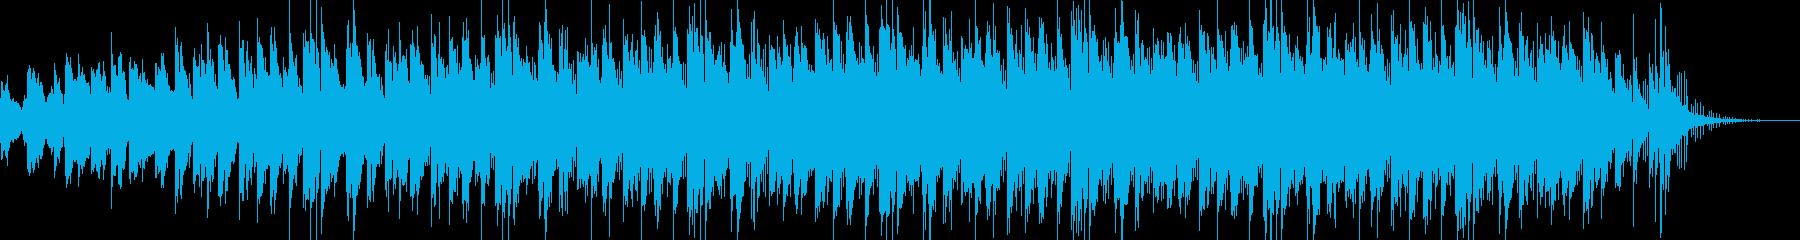 深い残響のギターアンビエントの再生済みの波形